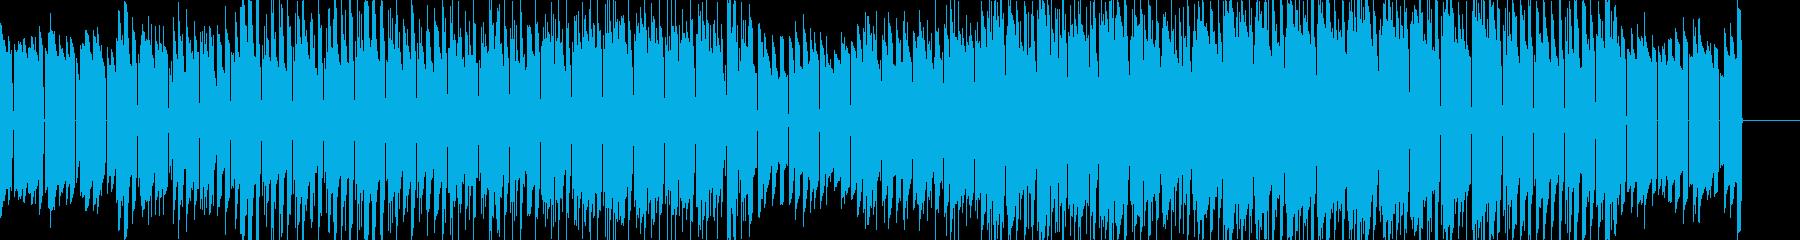 パズルゲームや謎解き系ゲームのBGMに…の再生済みの波形